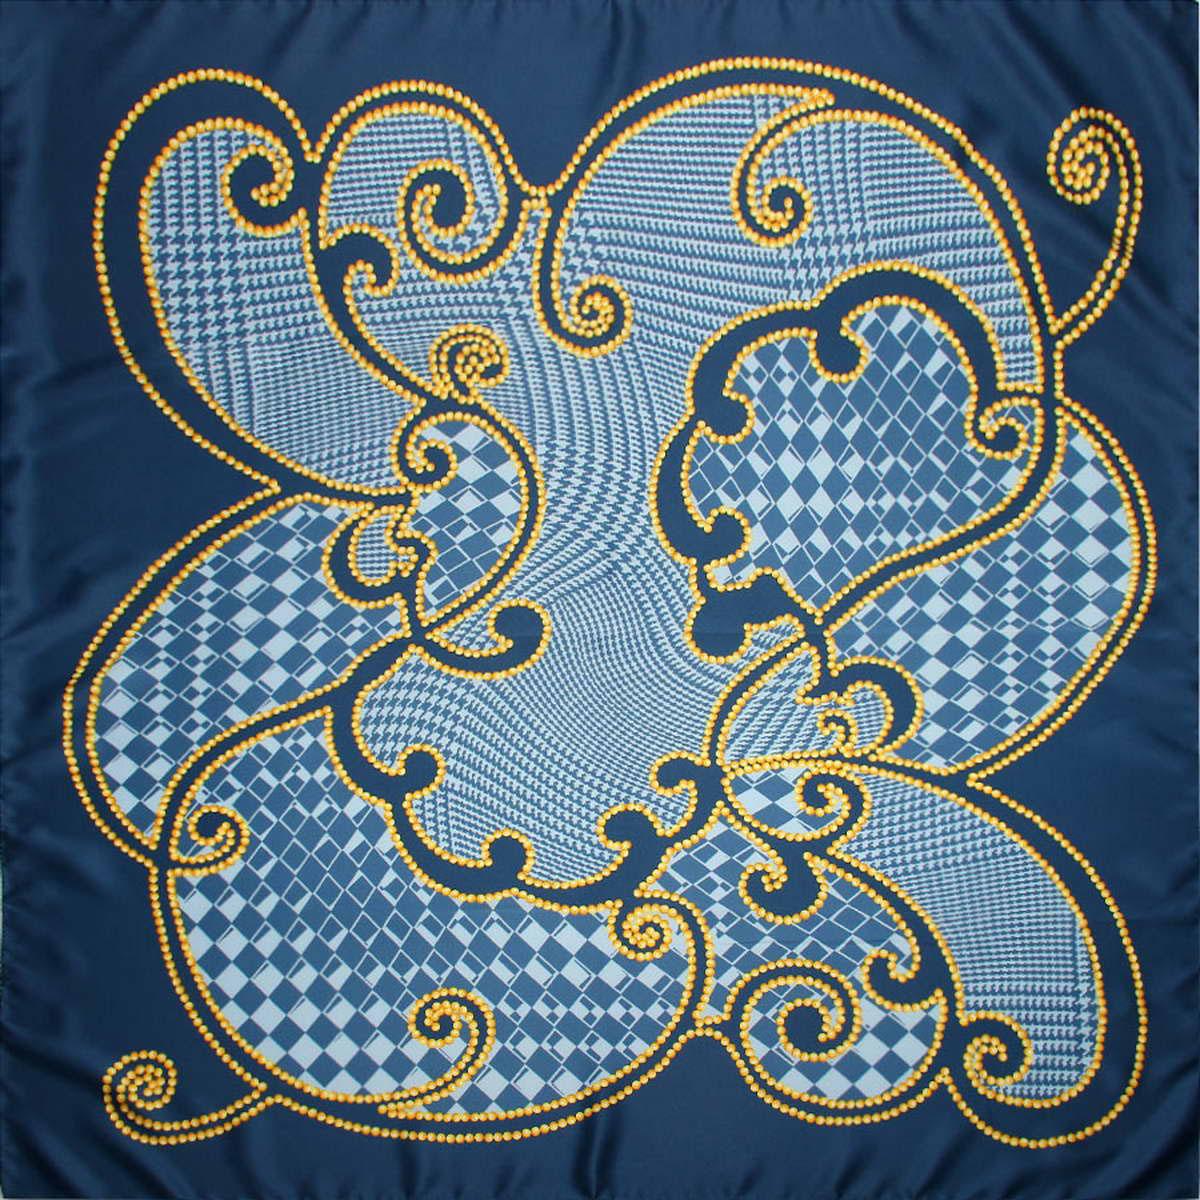 Платок женский. 3915183-33915183-3Стильный женский платок Venera станет великолепным завершением любого наряда. Платок, изготовленный из полиэстера, оформлен оригинальным принтом. Классическая квадратная форма позволяет носить платок на шее, украшать им прическу или декорировать сумочку. Легкий и приятный на ощупь платок поможет вам создать изысканный женственный образ. Такой платок превосходно дополнит любой наряд и подчеркнет ваш неповторимый вкус и элегантность.